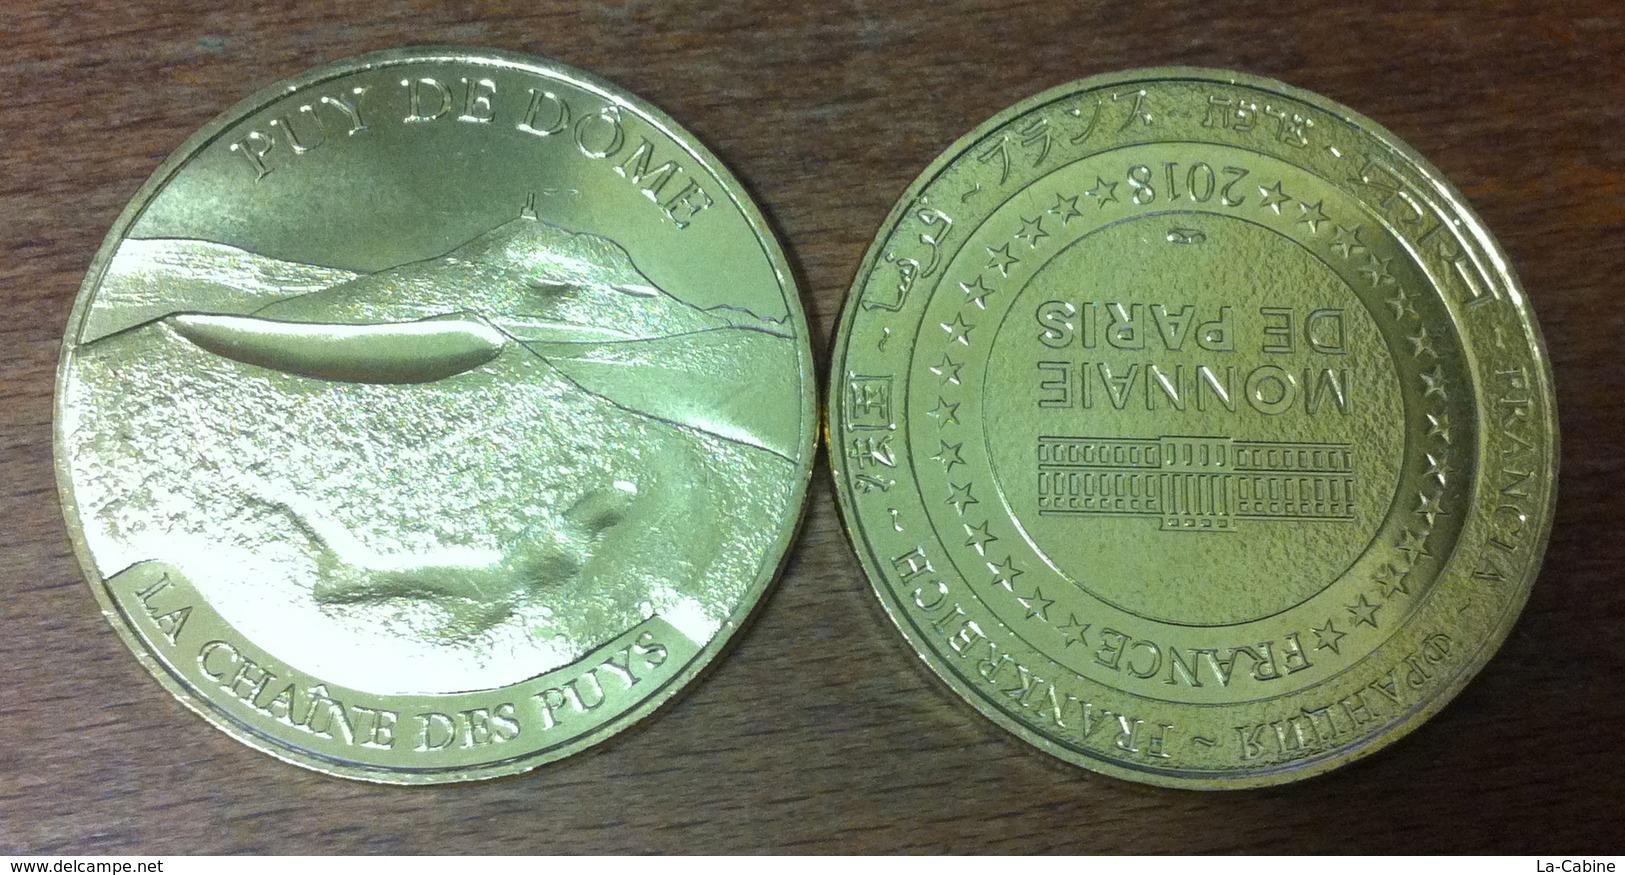 63 PUY DE DÔME CLERMONT FERRAND PUY DE DÔME N°7 LA CHAINE DES PUYS MÉDAILLE MONNAIE DE PARIS 2018 JETON TOKEN MEDAL COIN - Monnaie De Paris